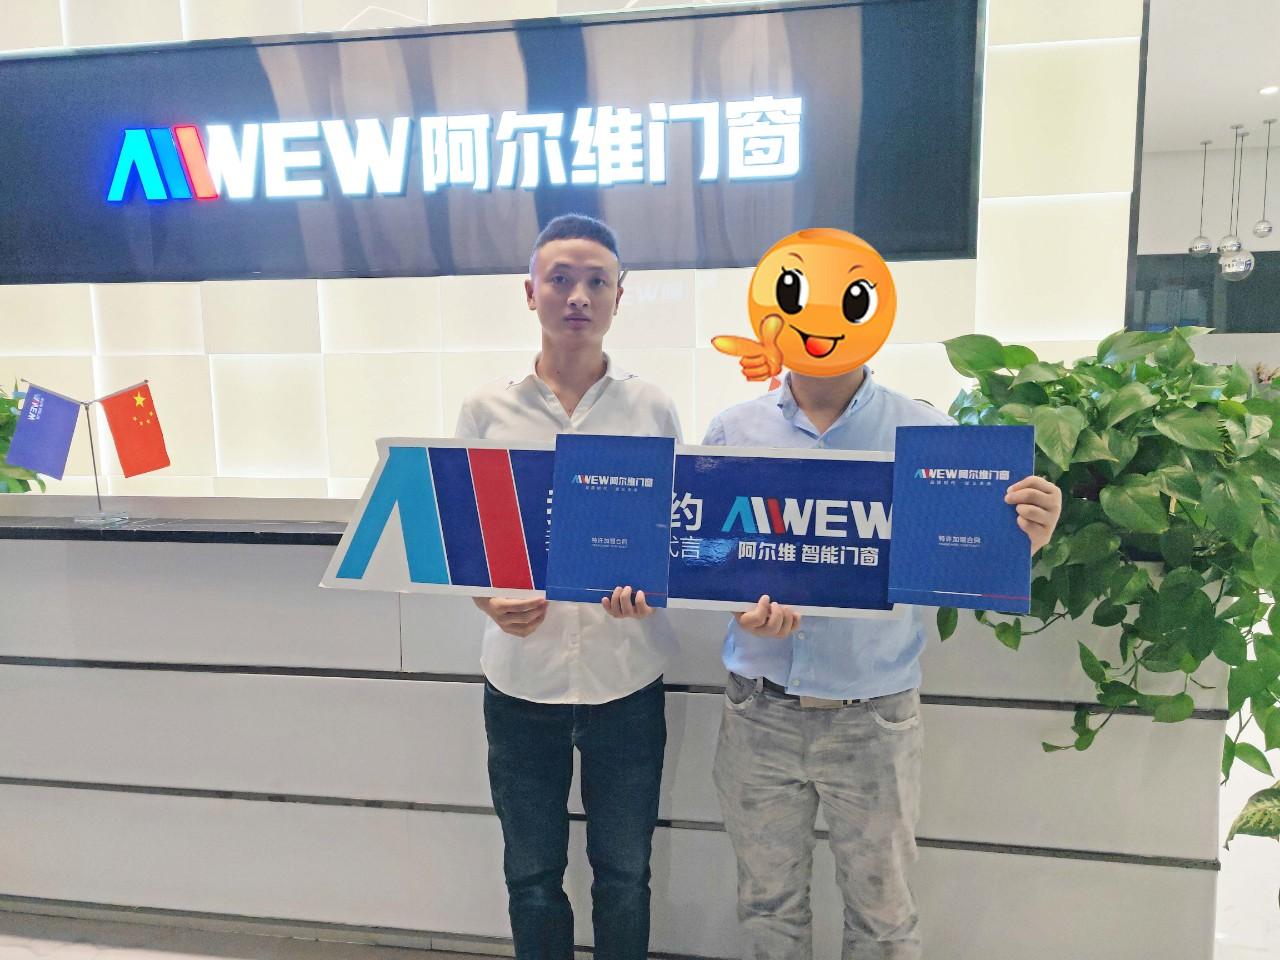 广州天河区门窗加盟代理商